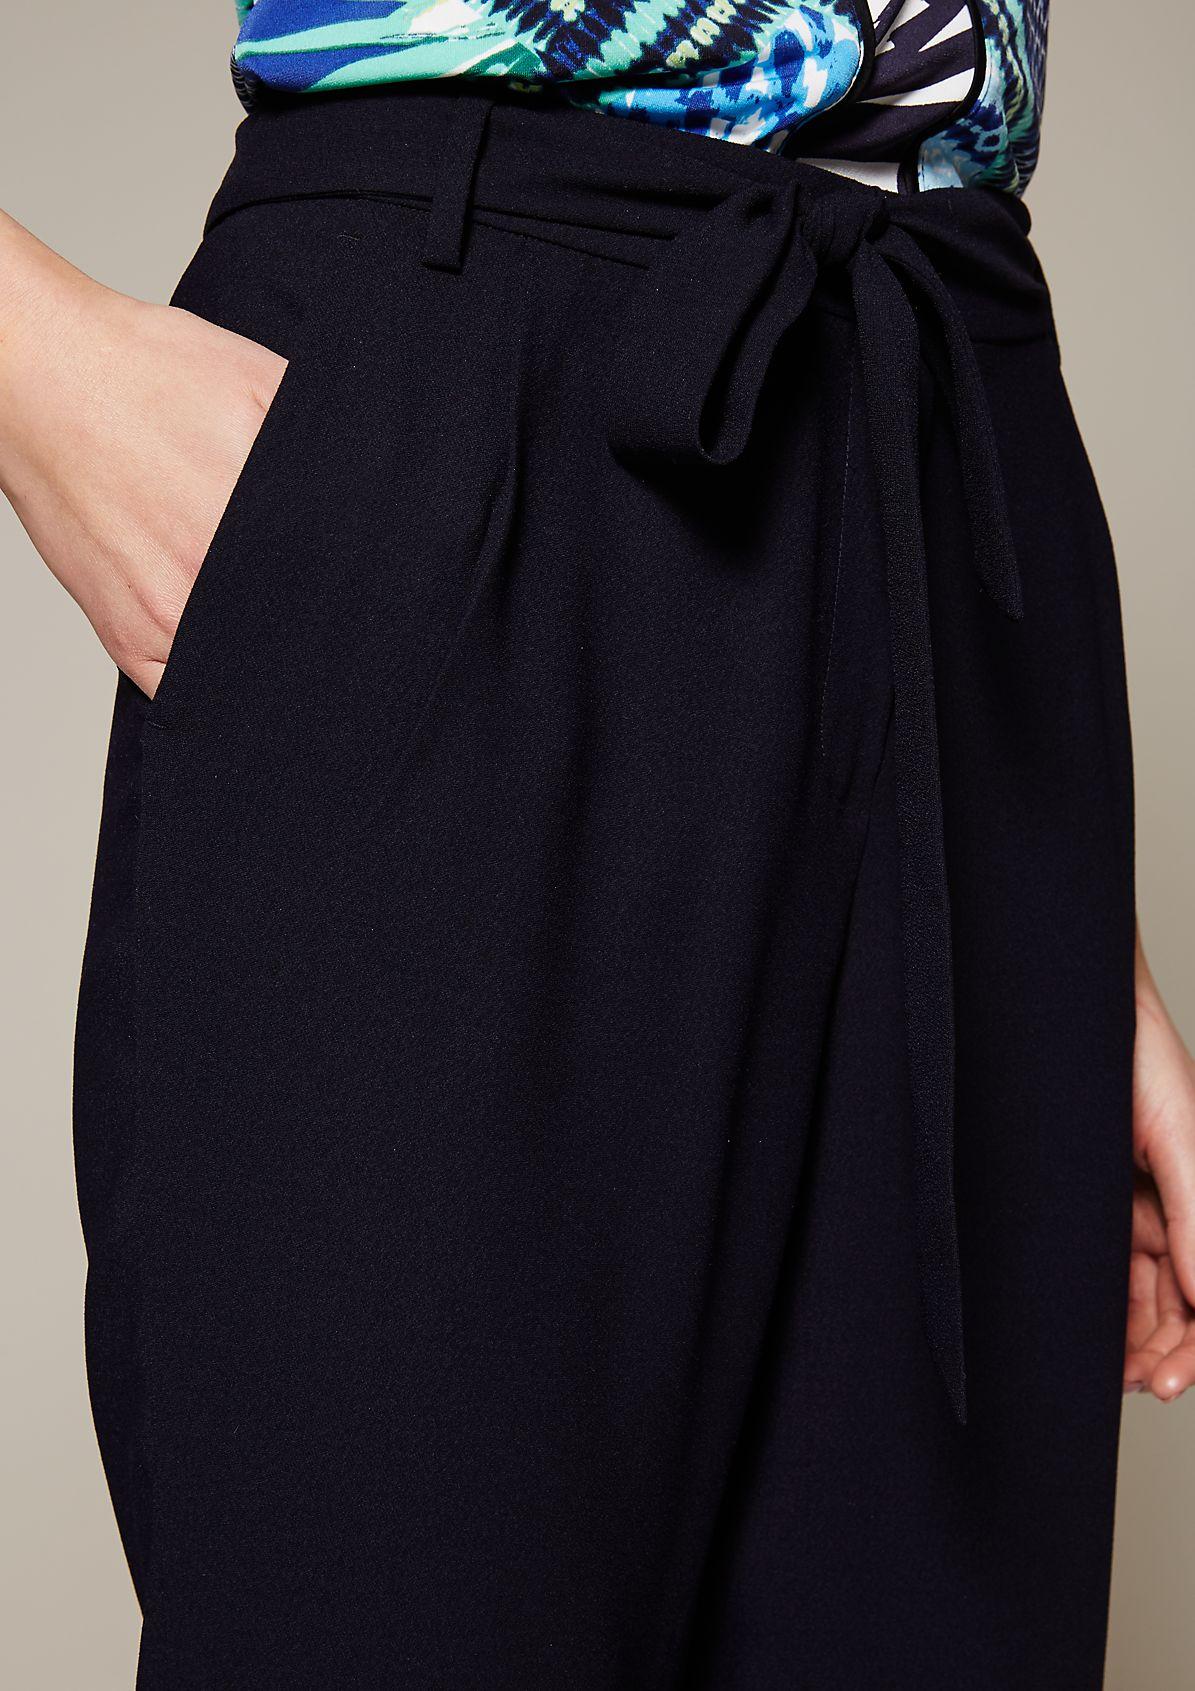 Leichte Businesspants mit breitem Stoffgürtel